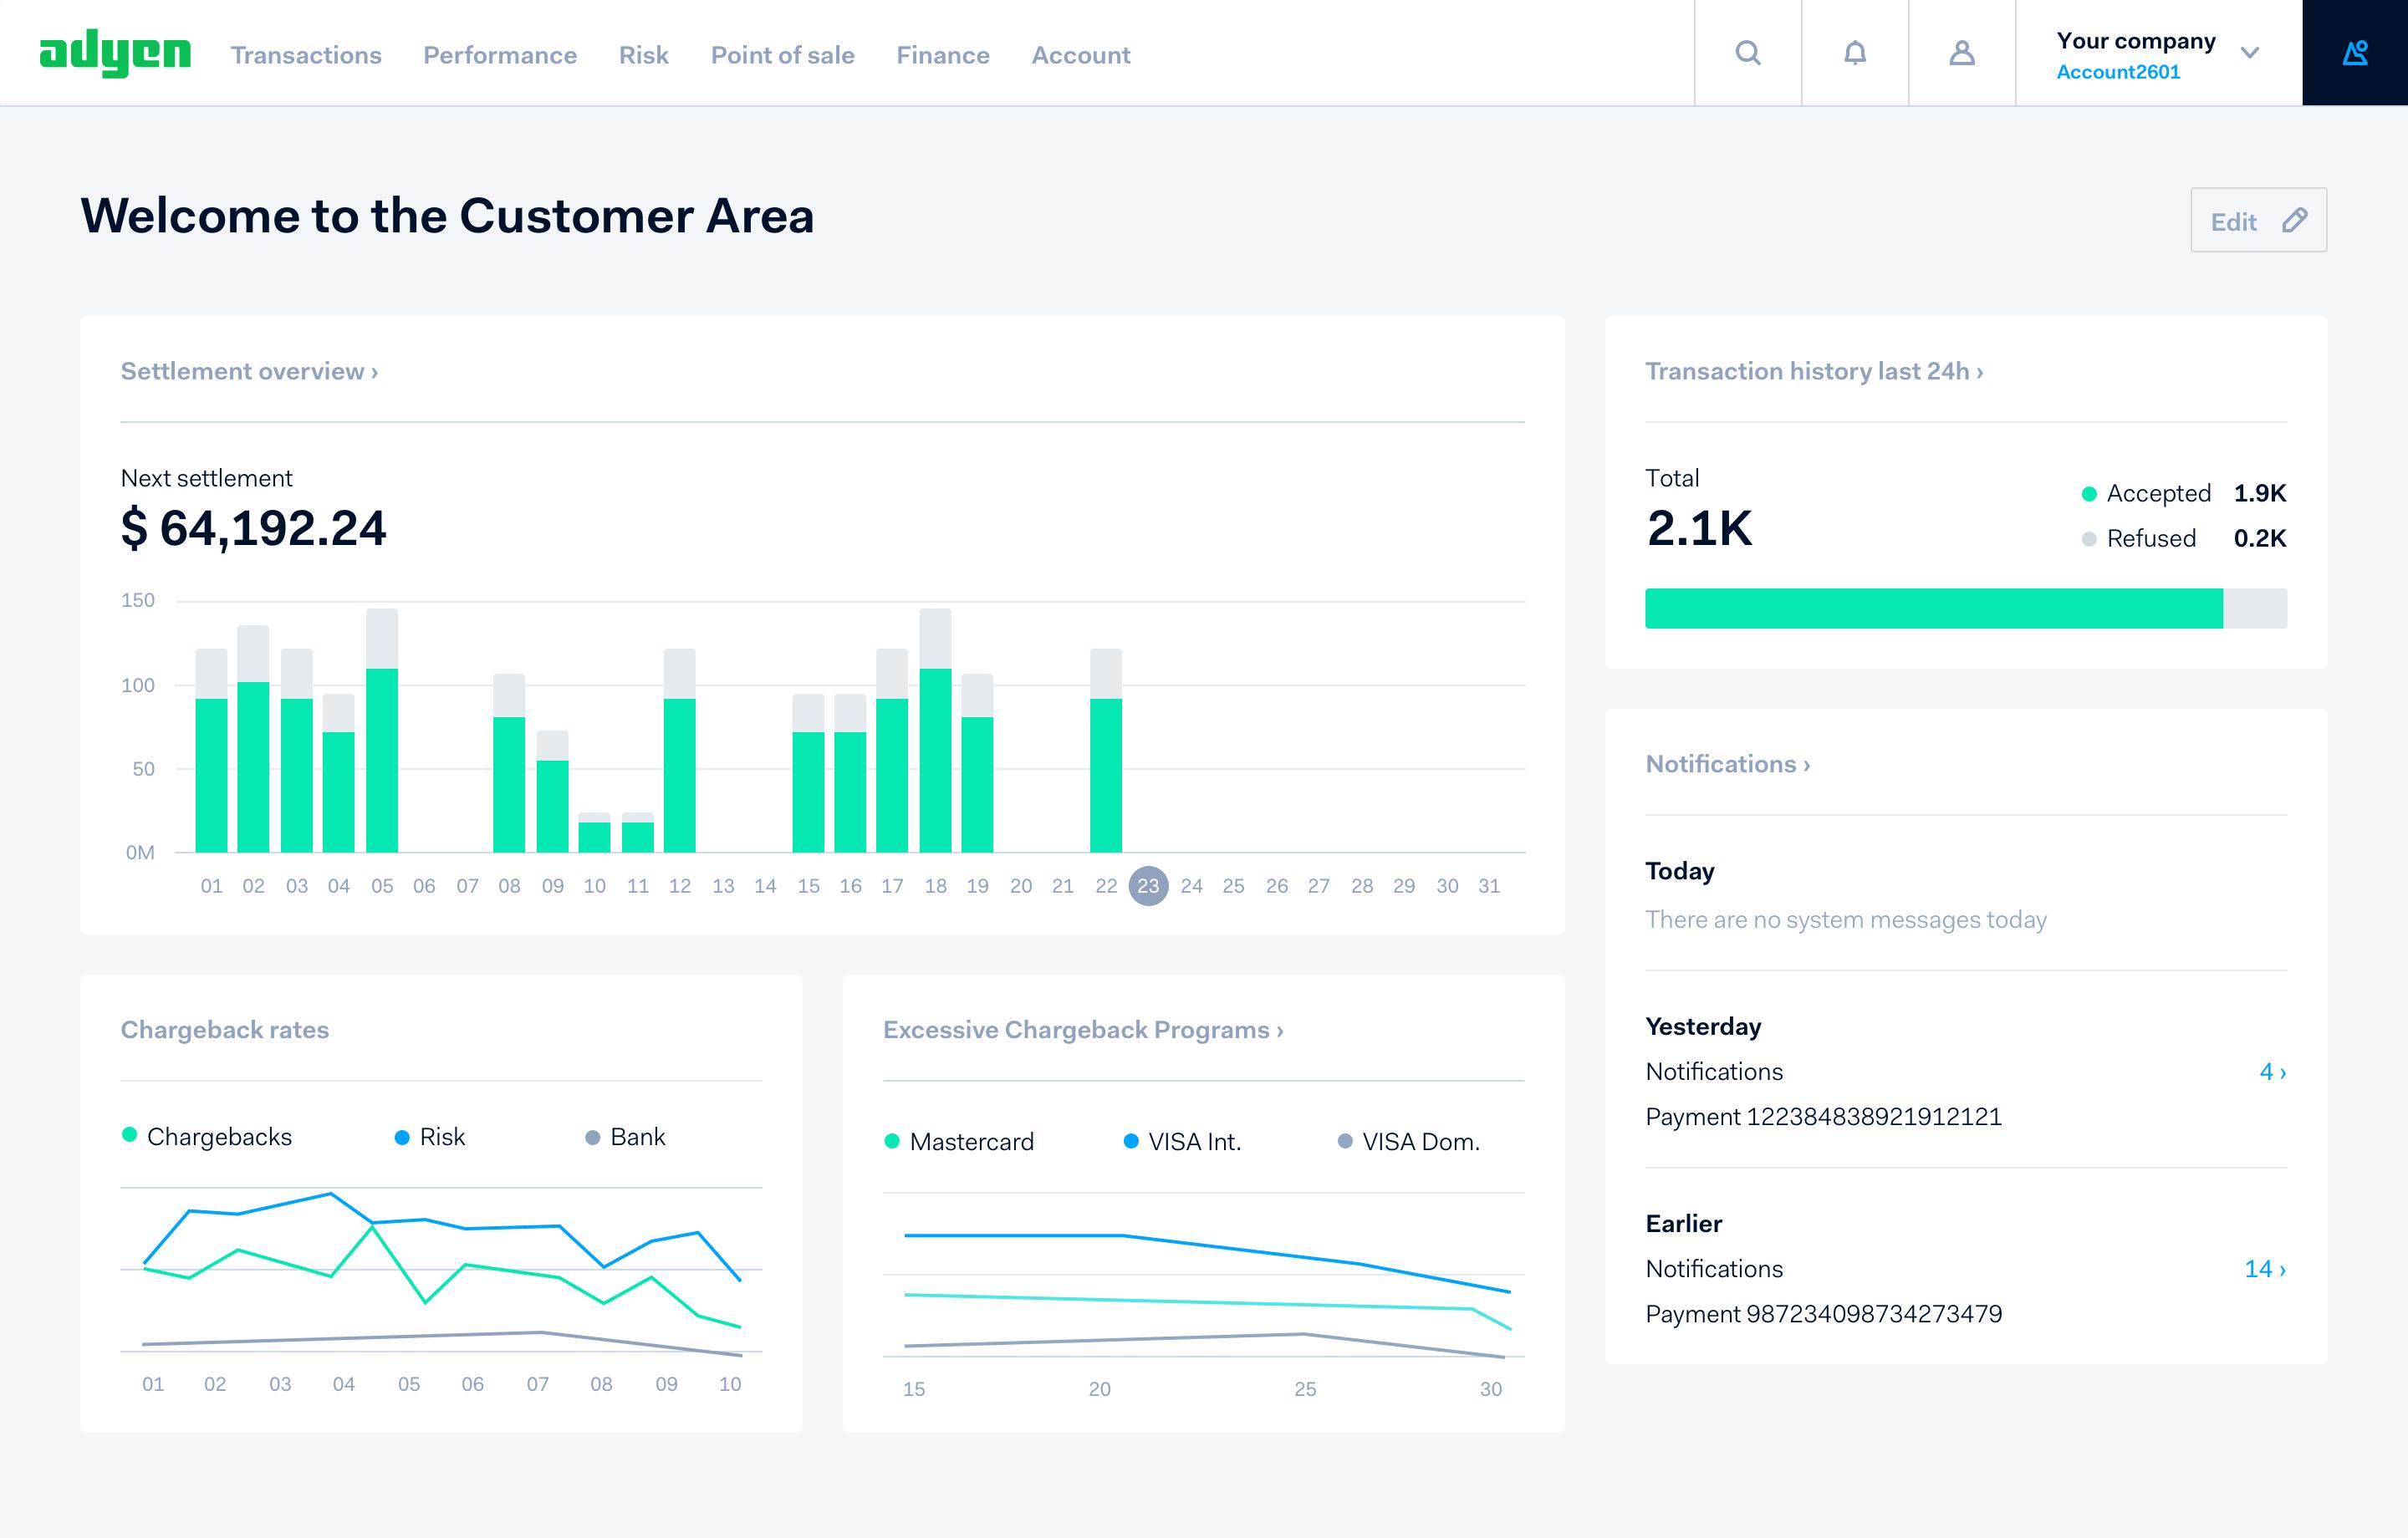 adyen dashboard